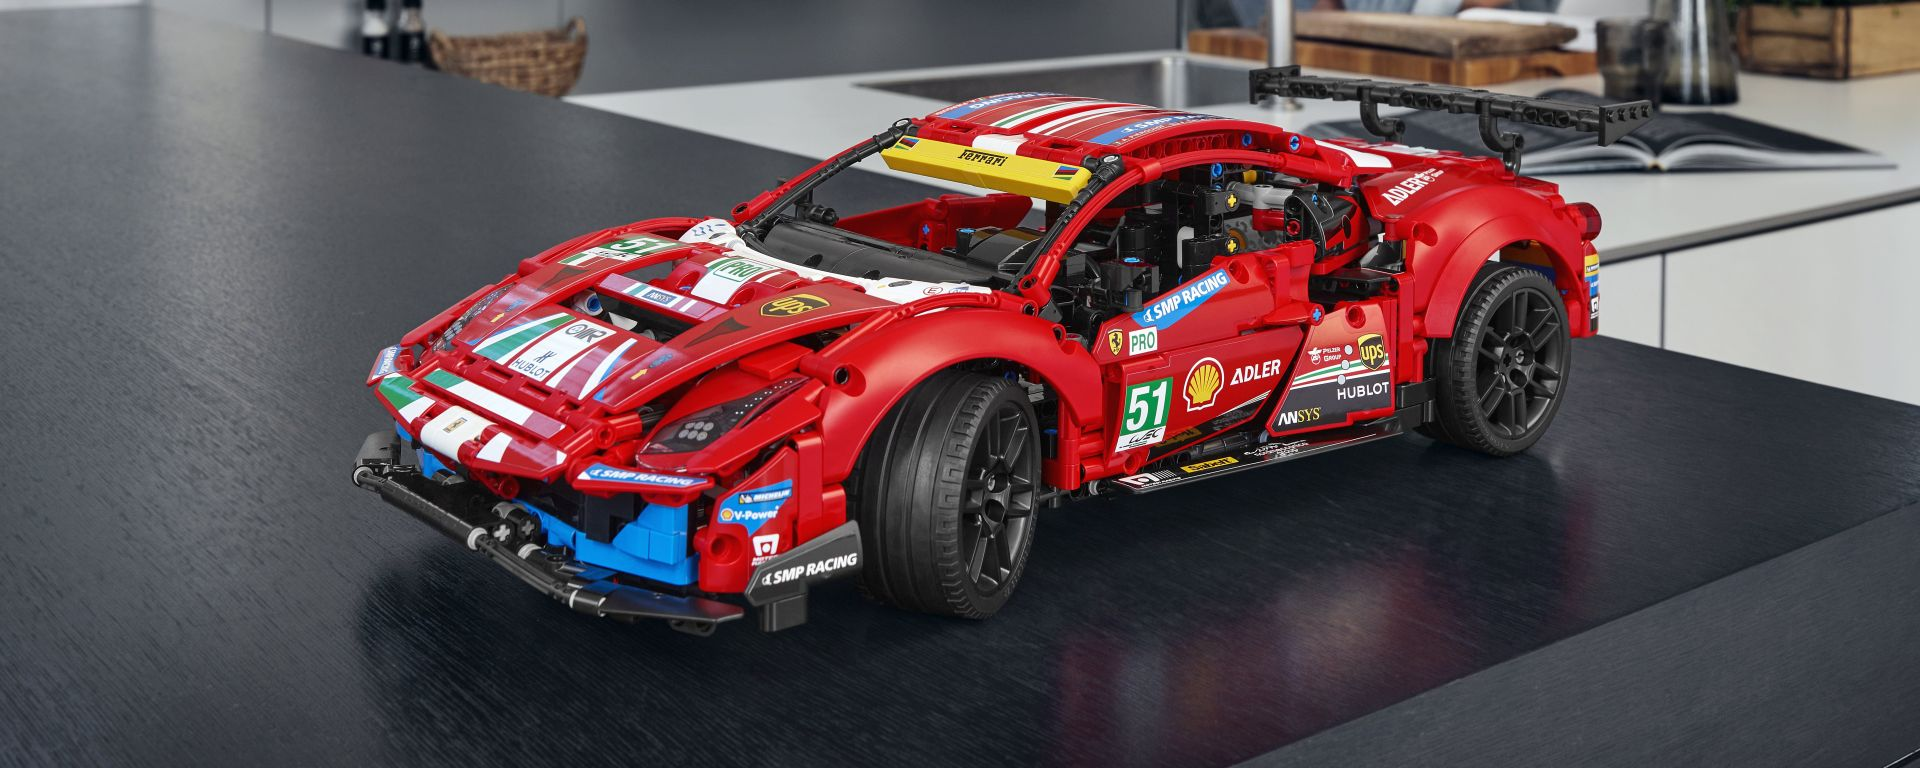 LEGO Technic Ferrari 488 GTE in esposizione